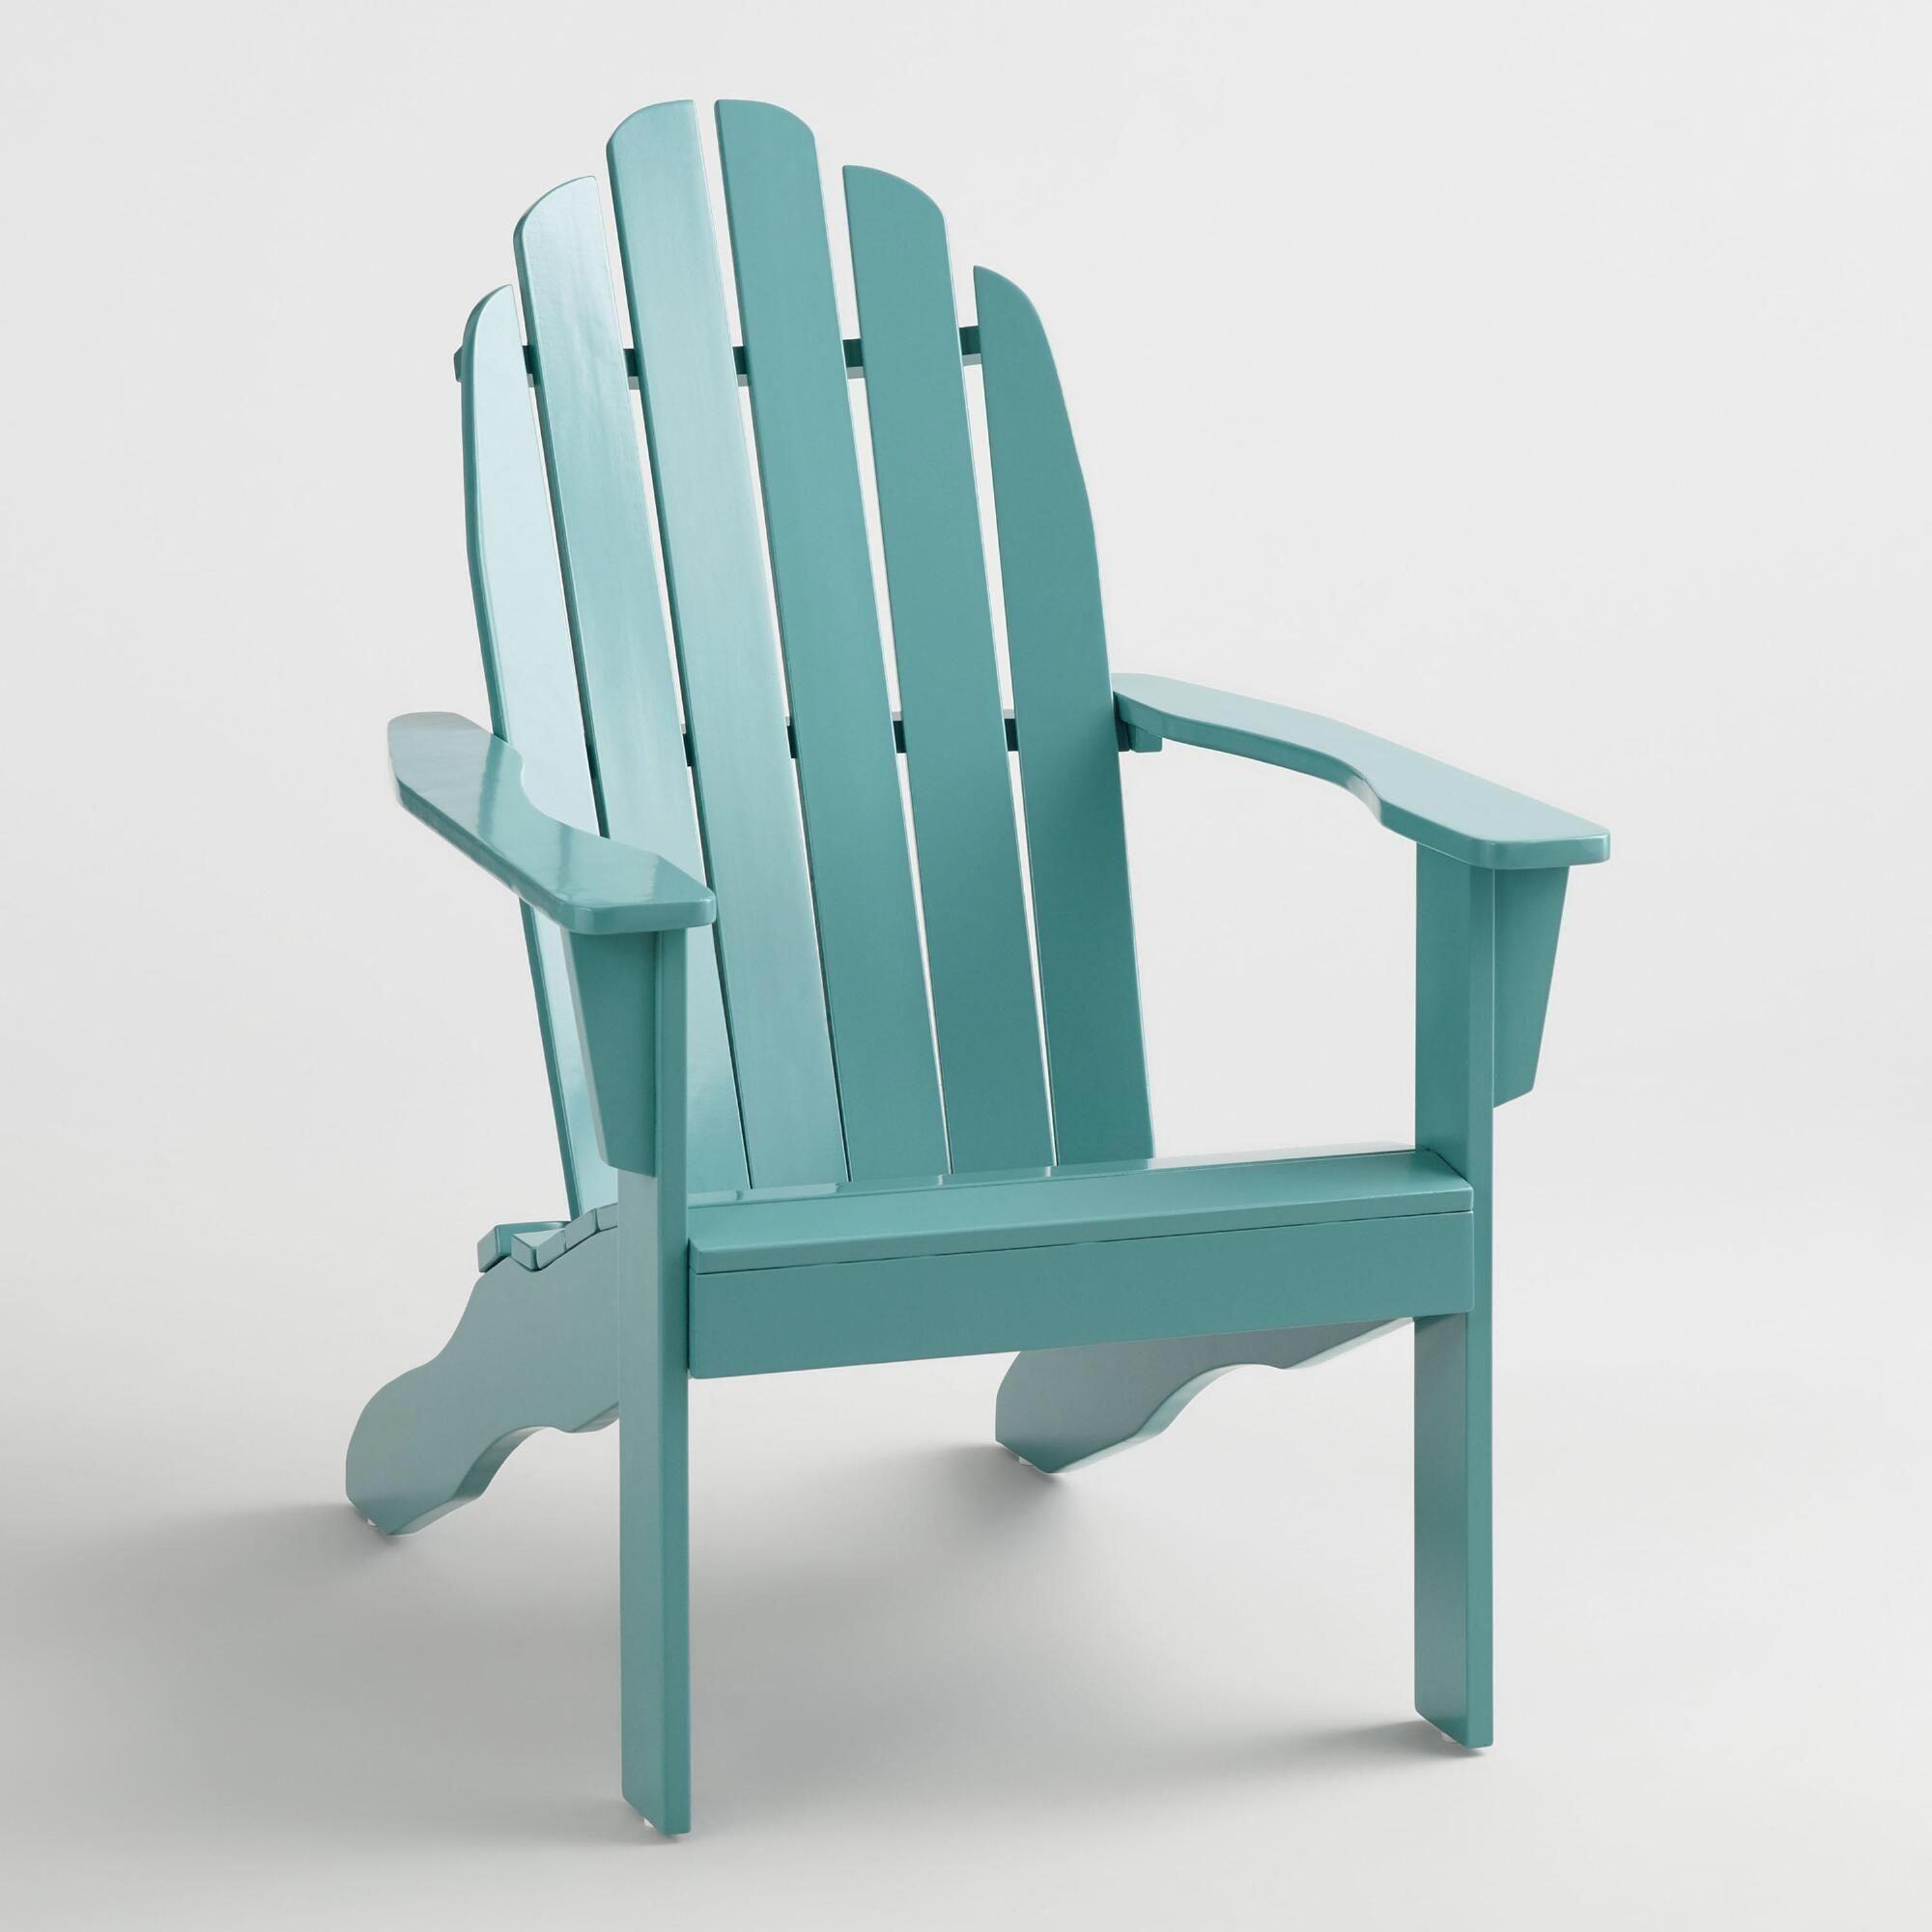 Pin On Adirondack Chairs